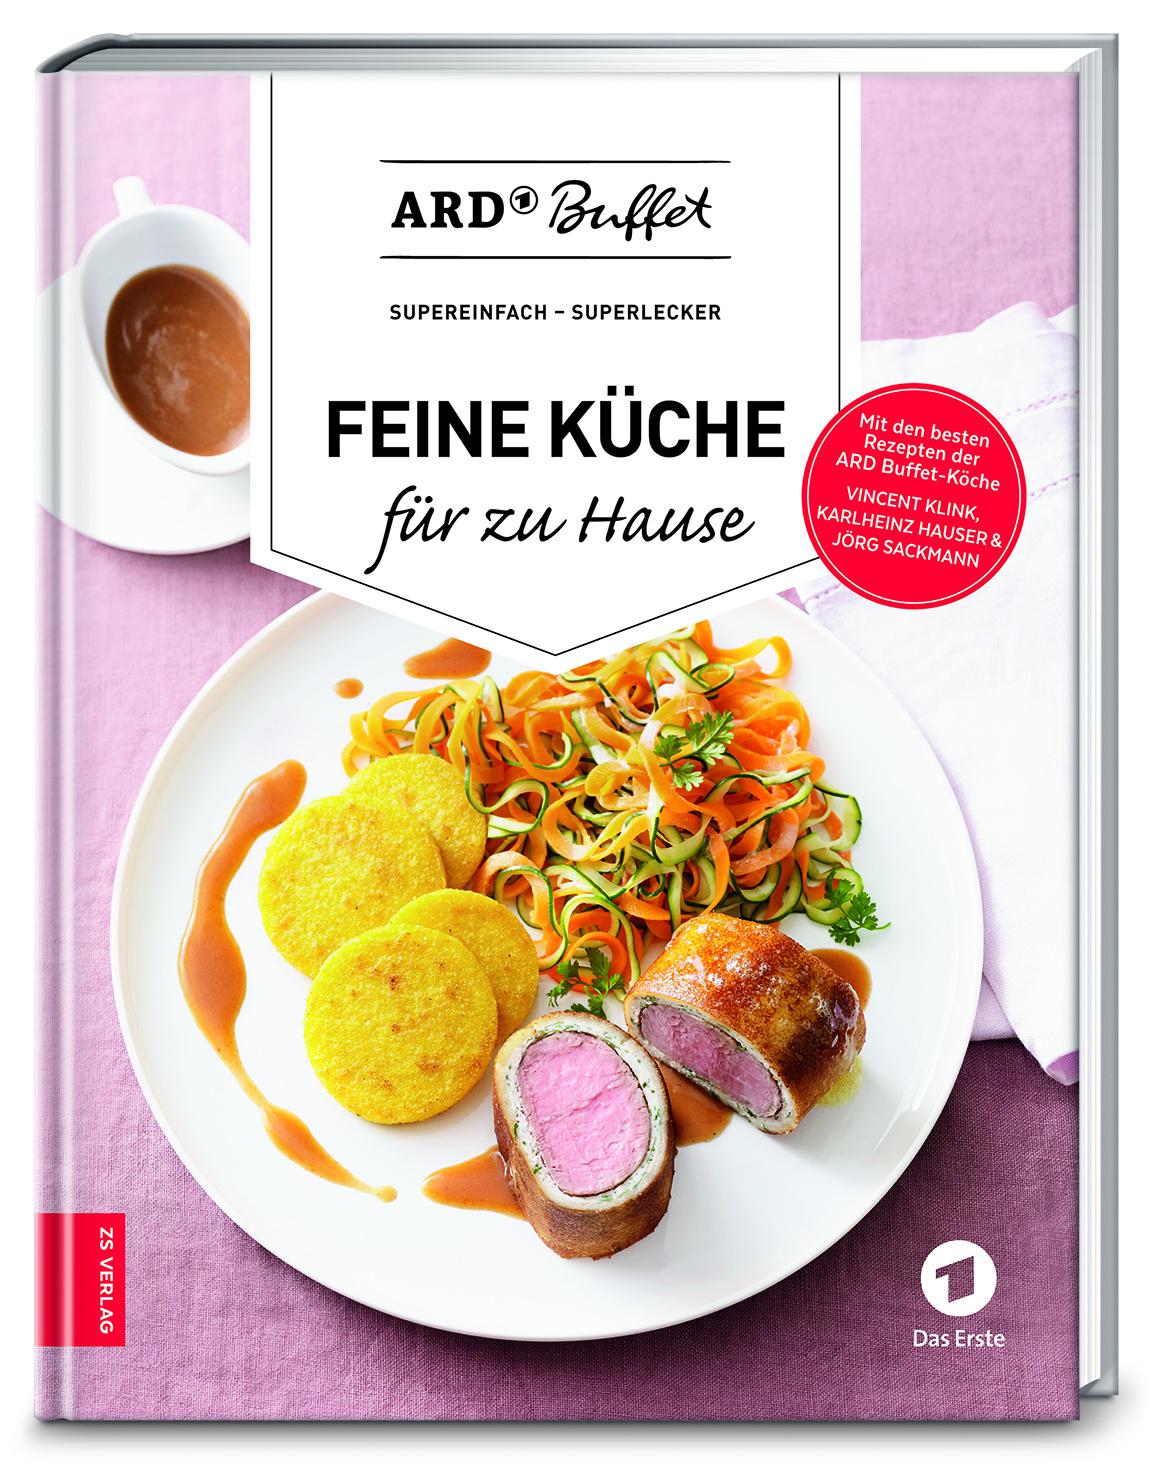 Großartig Küche Buffet Und Hutch Kanada Galerie - Küchenschrank ...